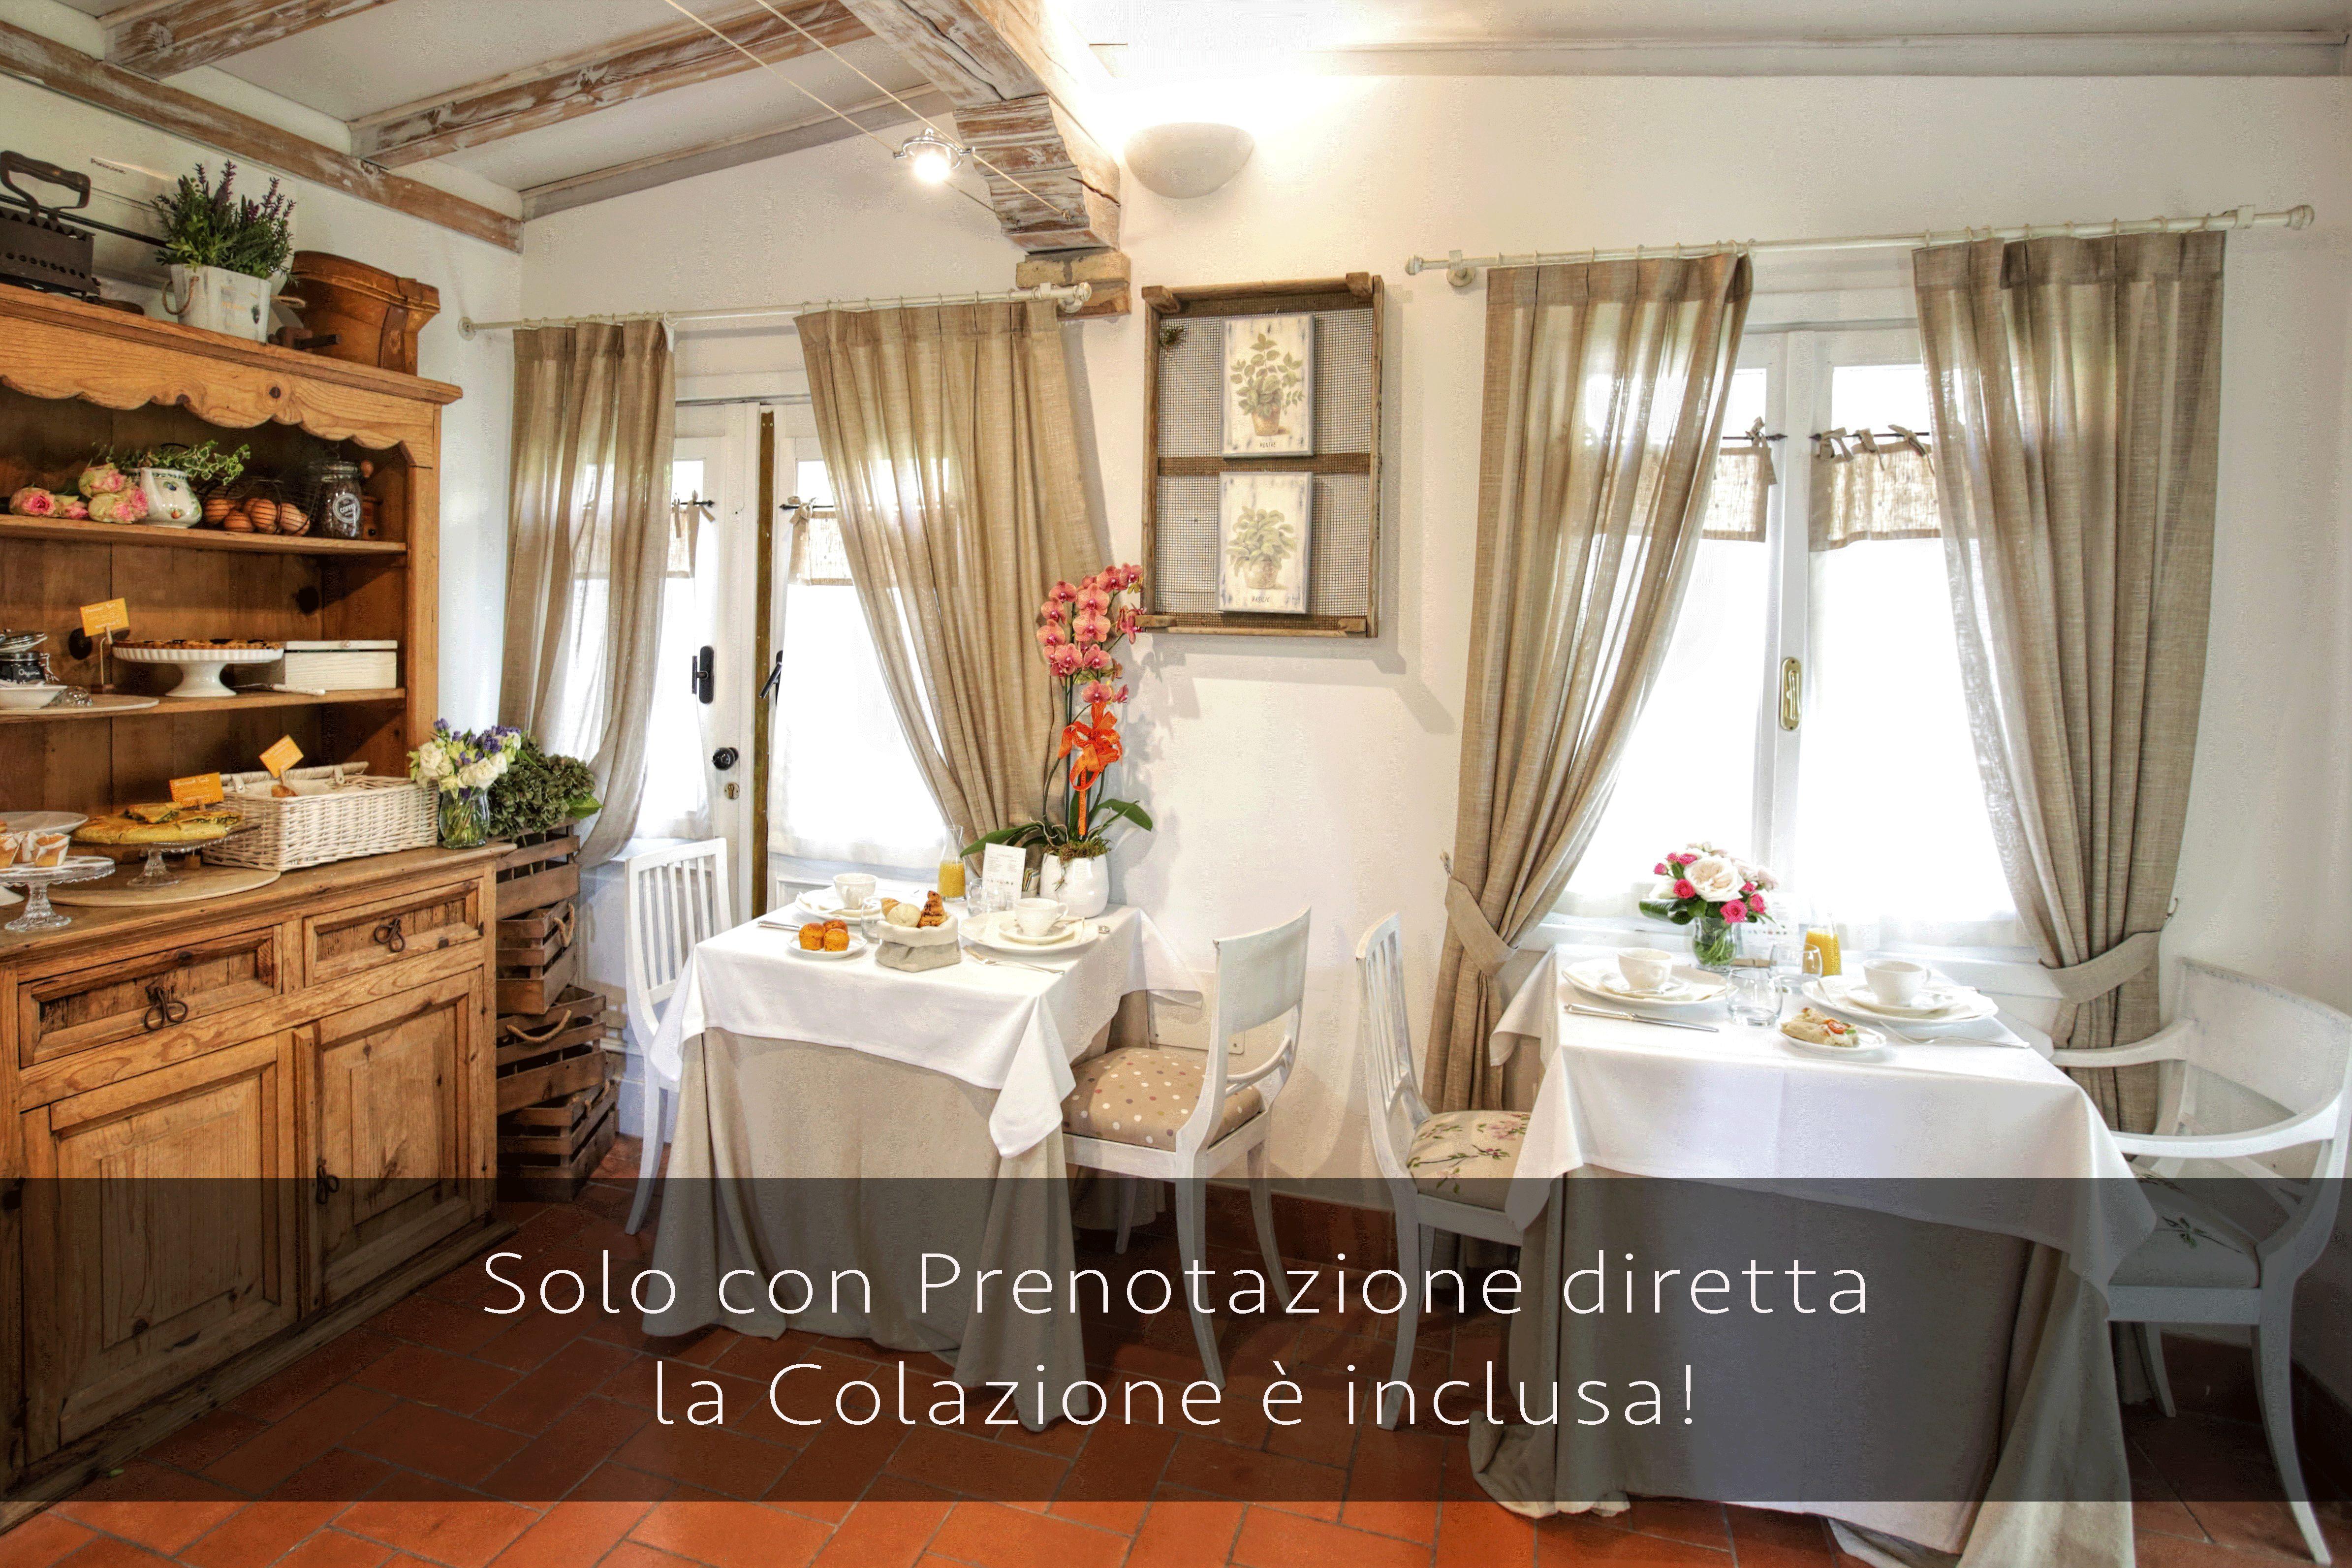 Colazione Villa Ines